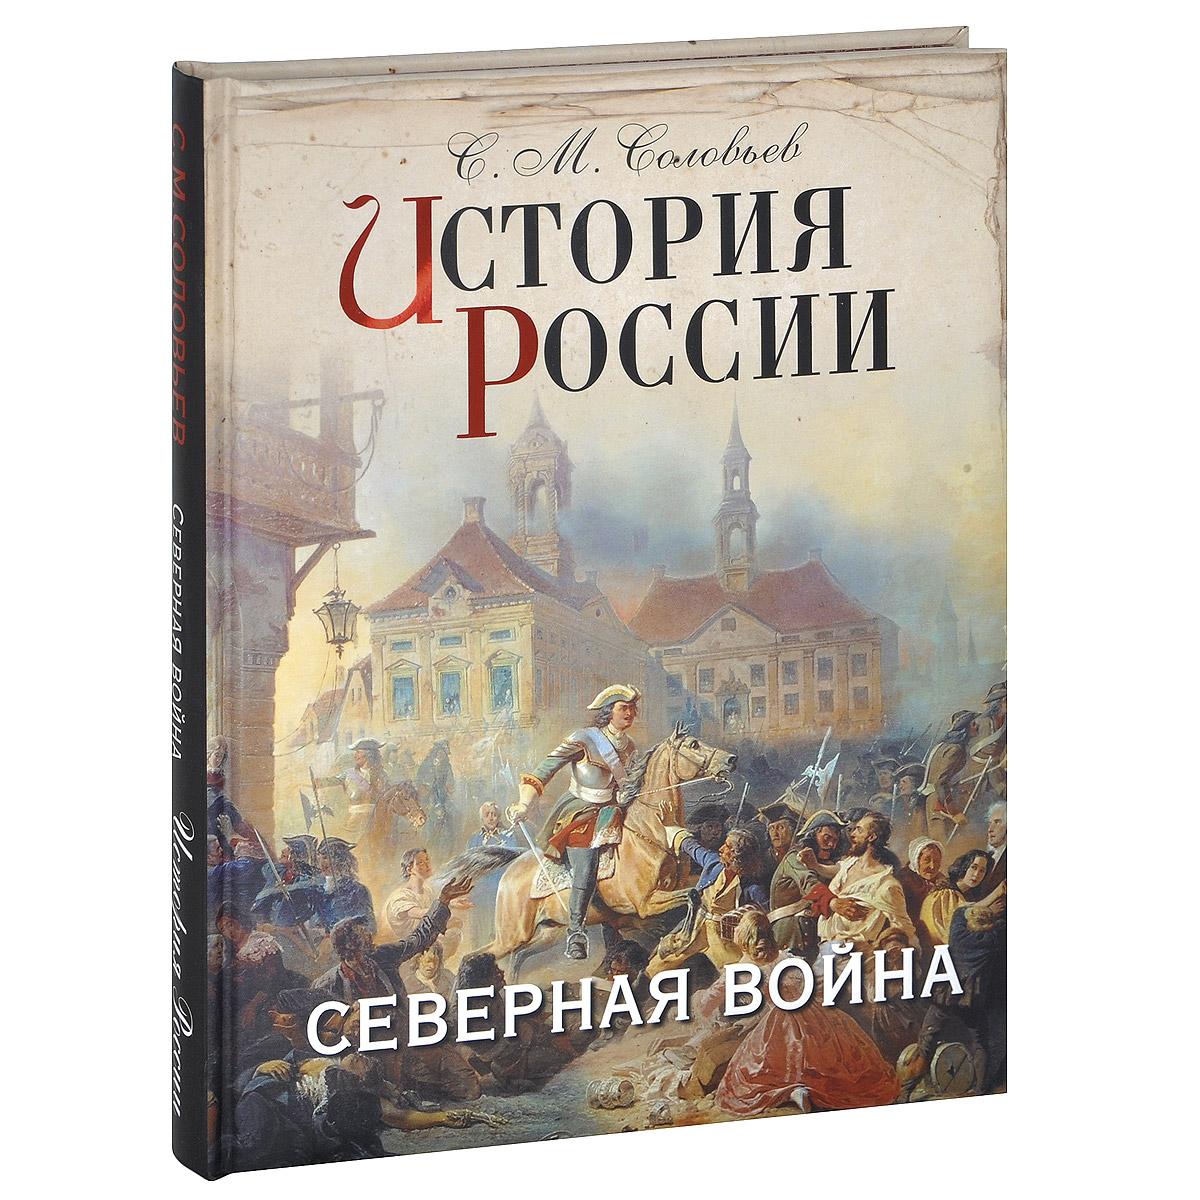 С. М. Соловьев История России. Северная война (подарочное издание)